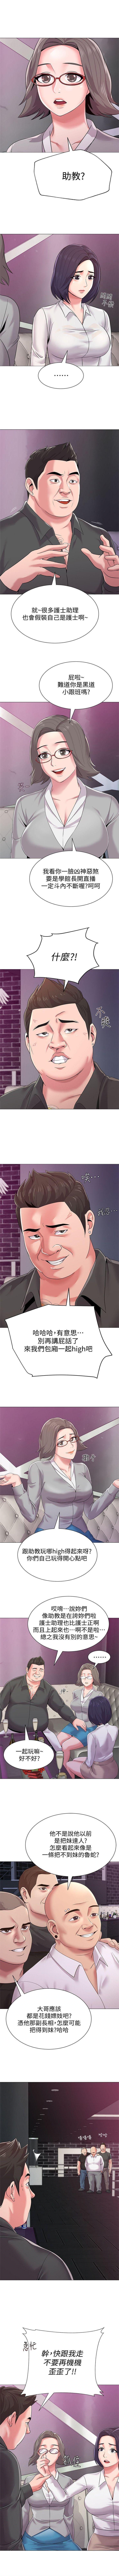 老師 1-80 官方中文(連載中) 118